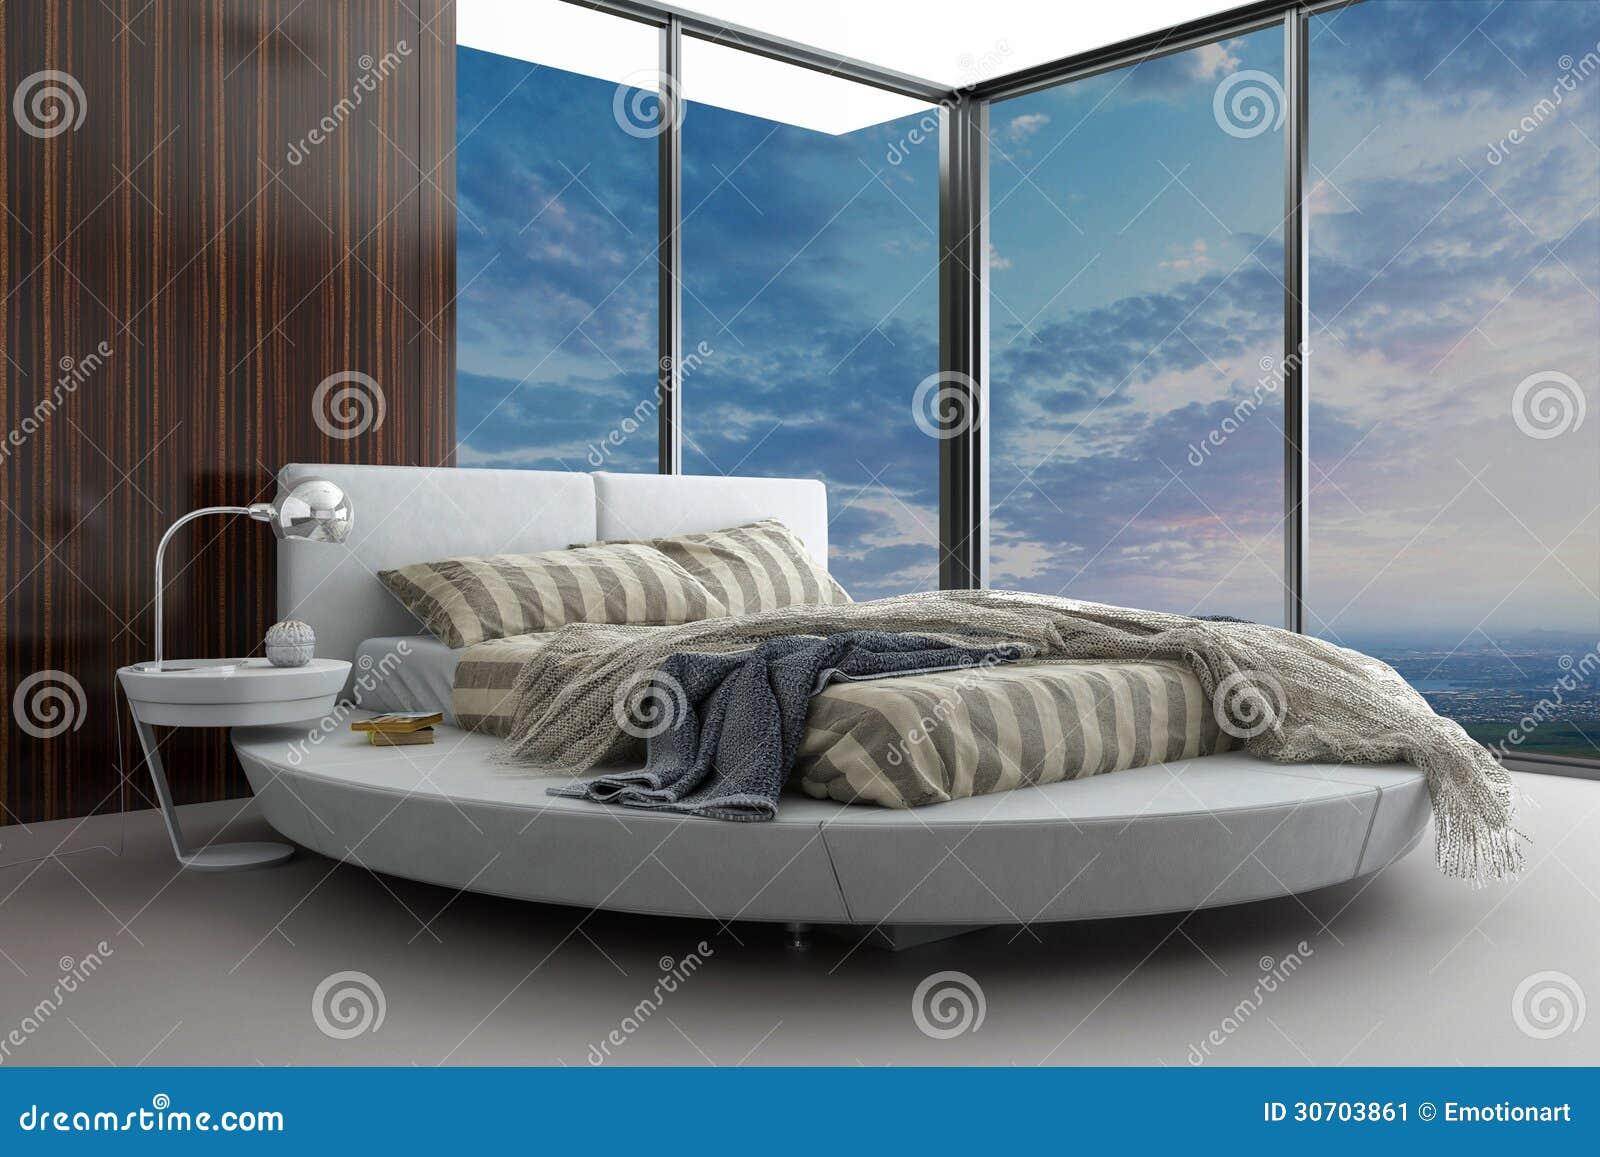 Exklusives Schlafzimmer Des Modernen Entwurfs Mit Vogelperspektive